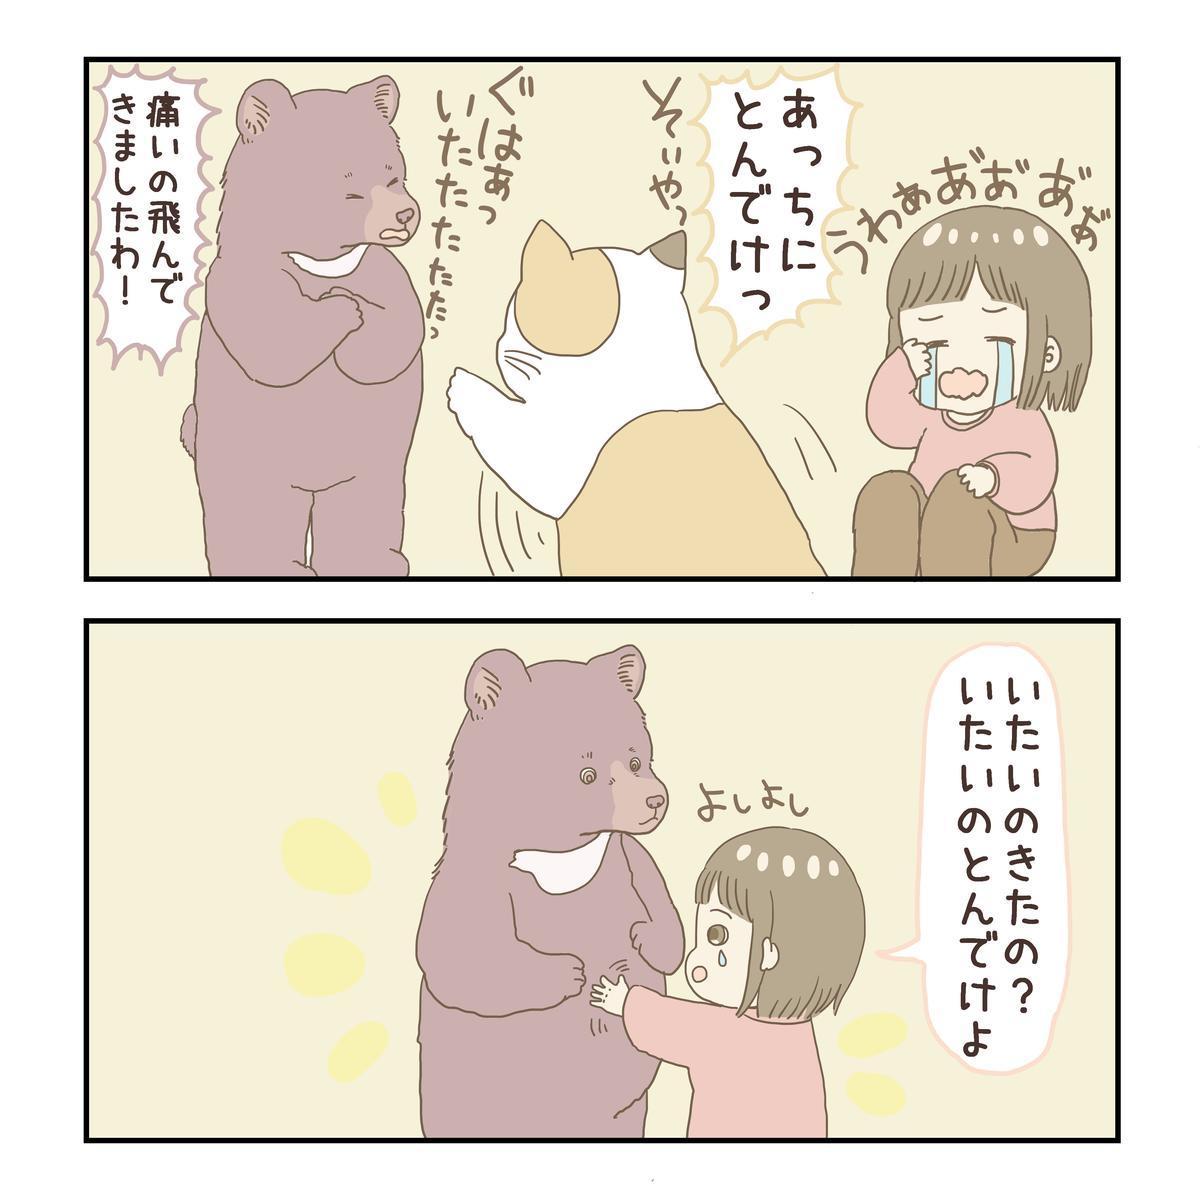 f:id:nikono:20190319210913j:plain